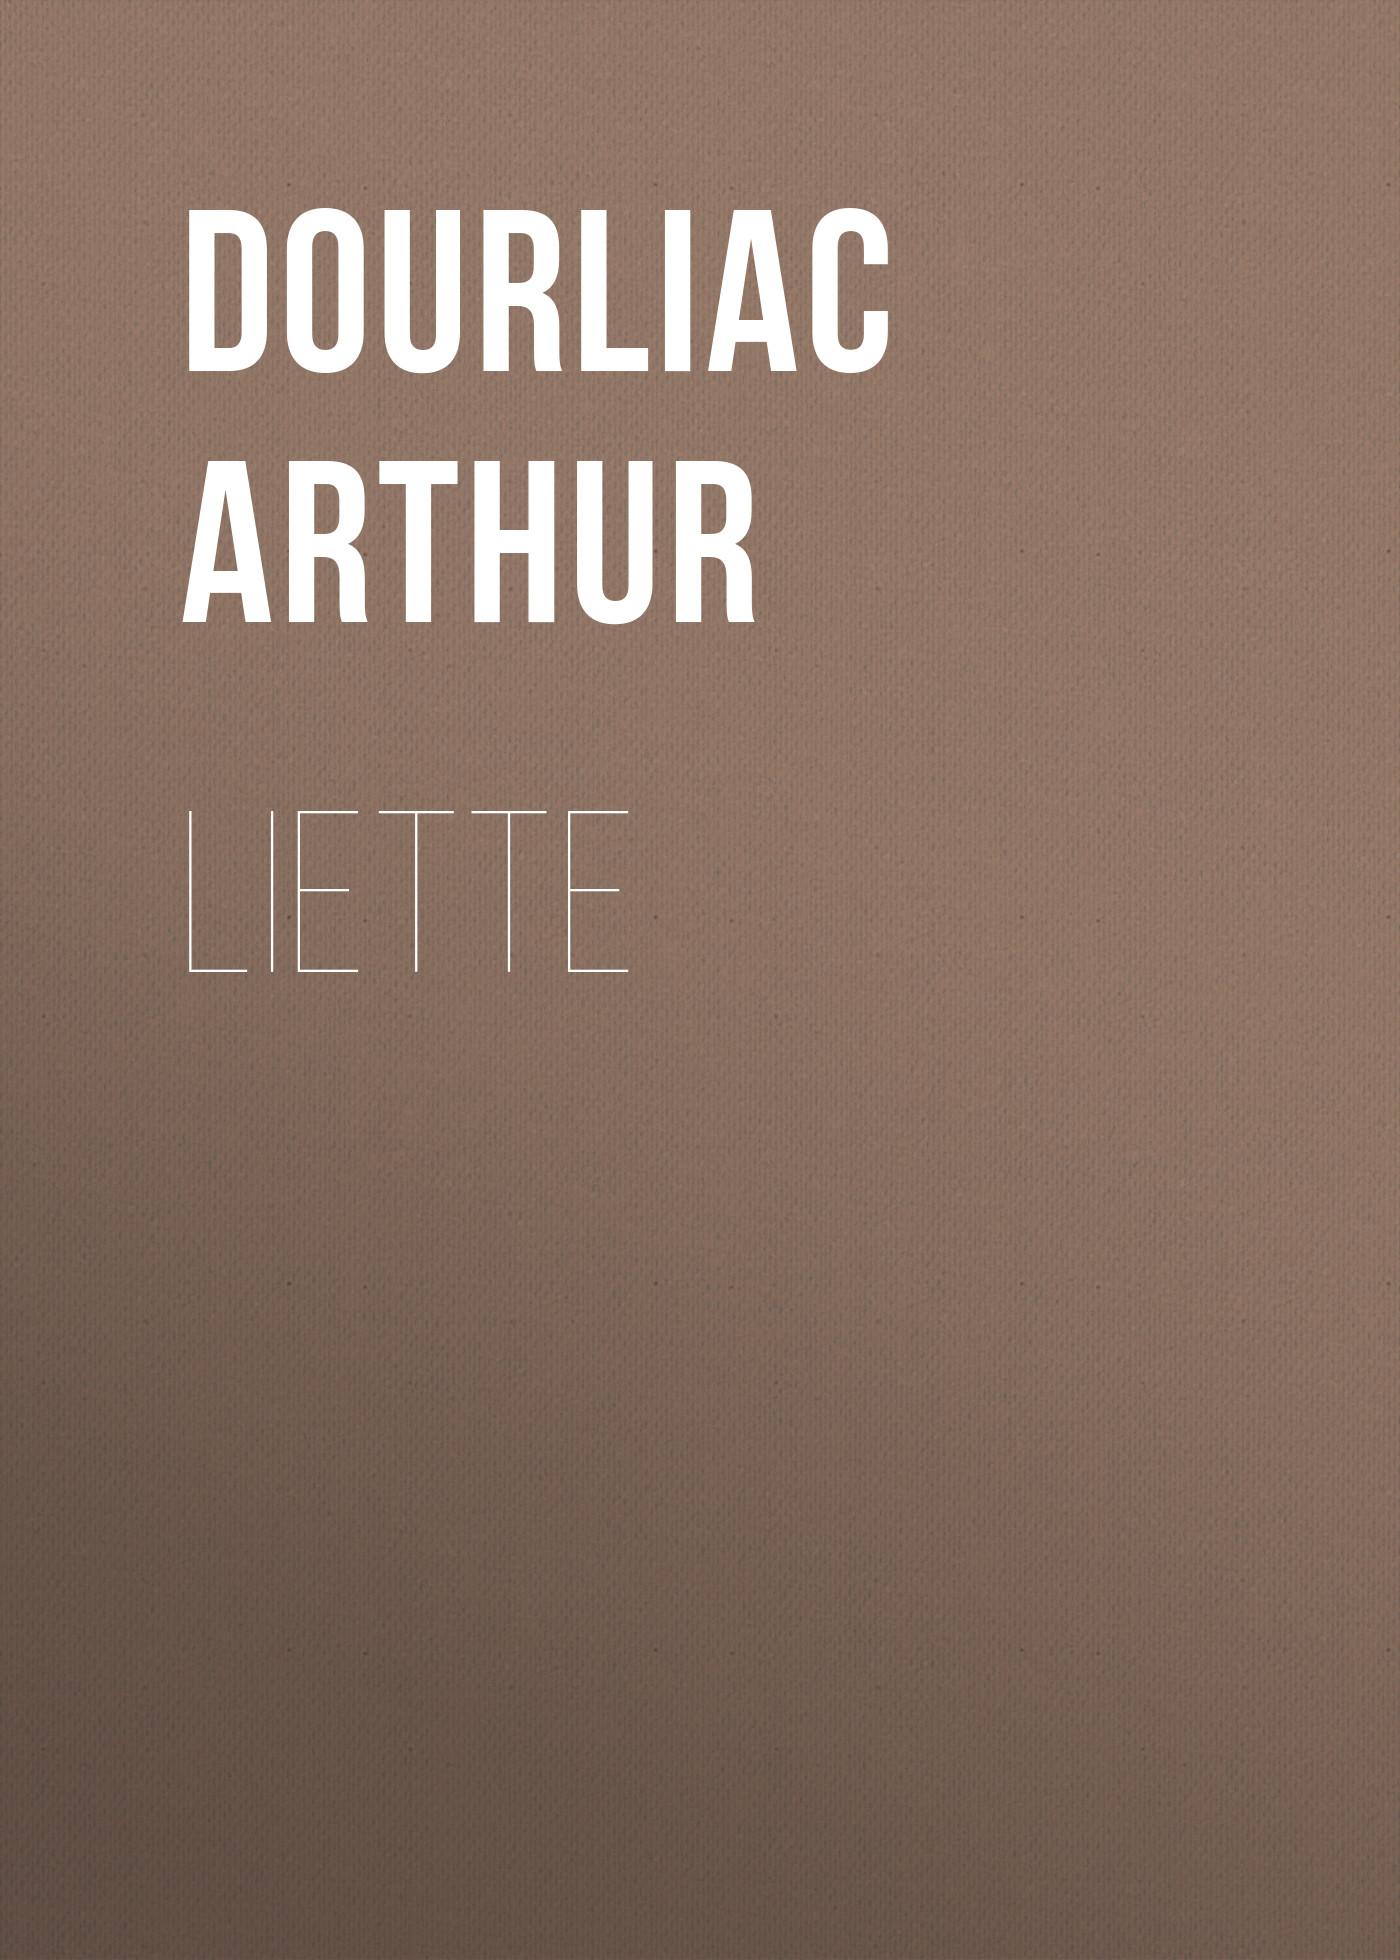 Dourliac Arthur Liette